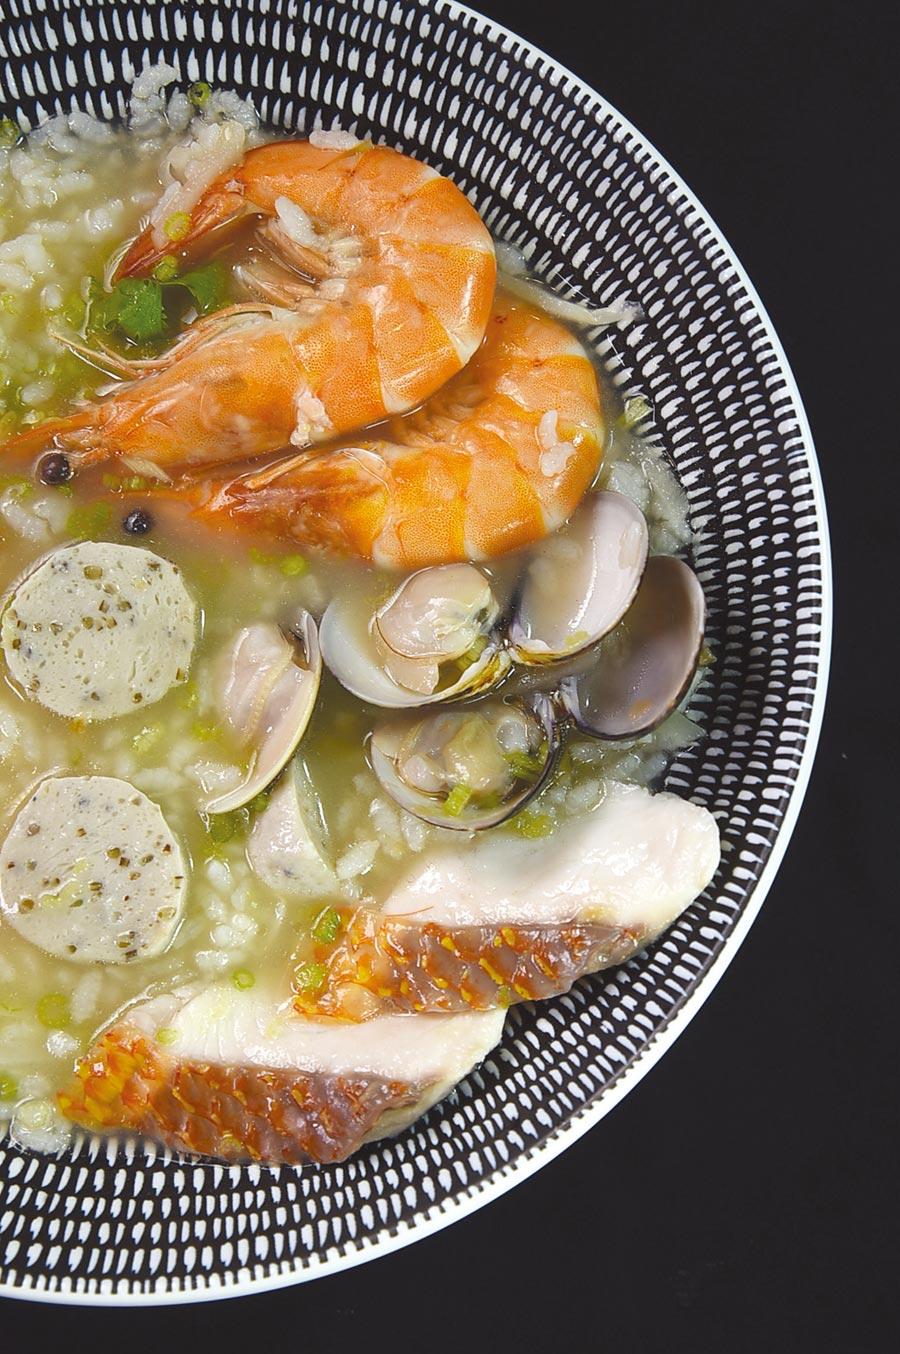 每份190元的〈海鱻粥〉是以昆布湯頭為底,加入海紅鯛魚片、褐藻魚丸、藍鑽蝦熬煮的台式粥品,另配上古早味醃筍簽增添口感,並以褐藻甘鮮露調味。圖/姚舜